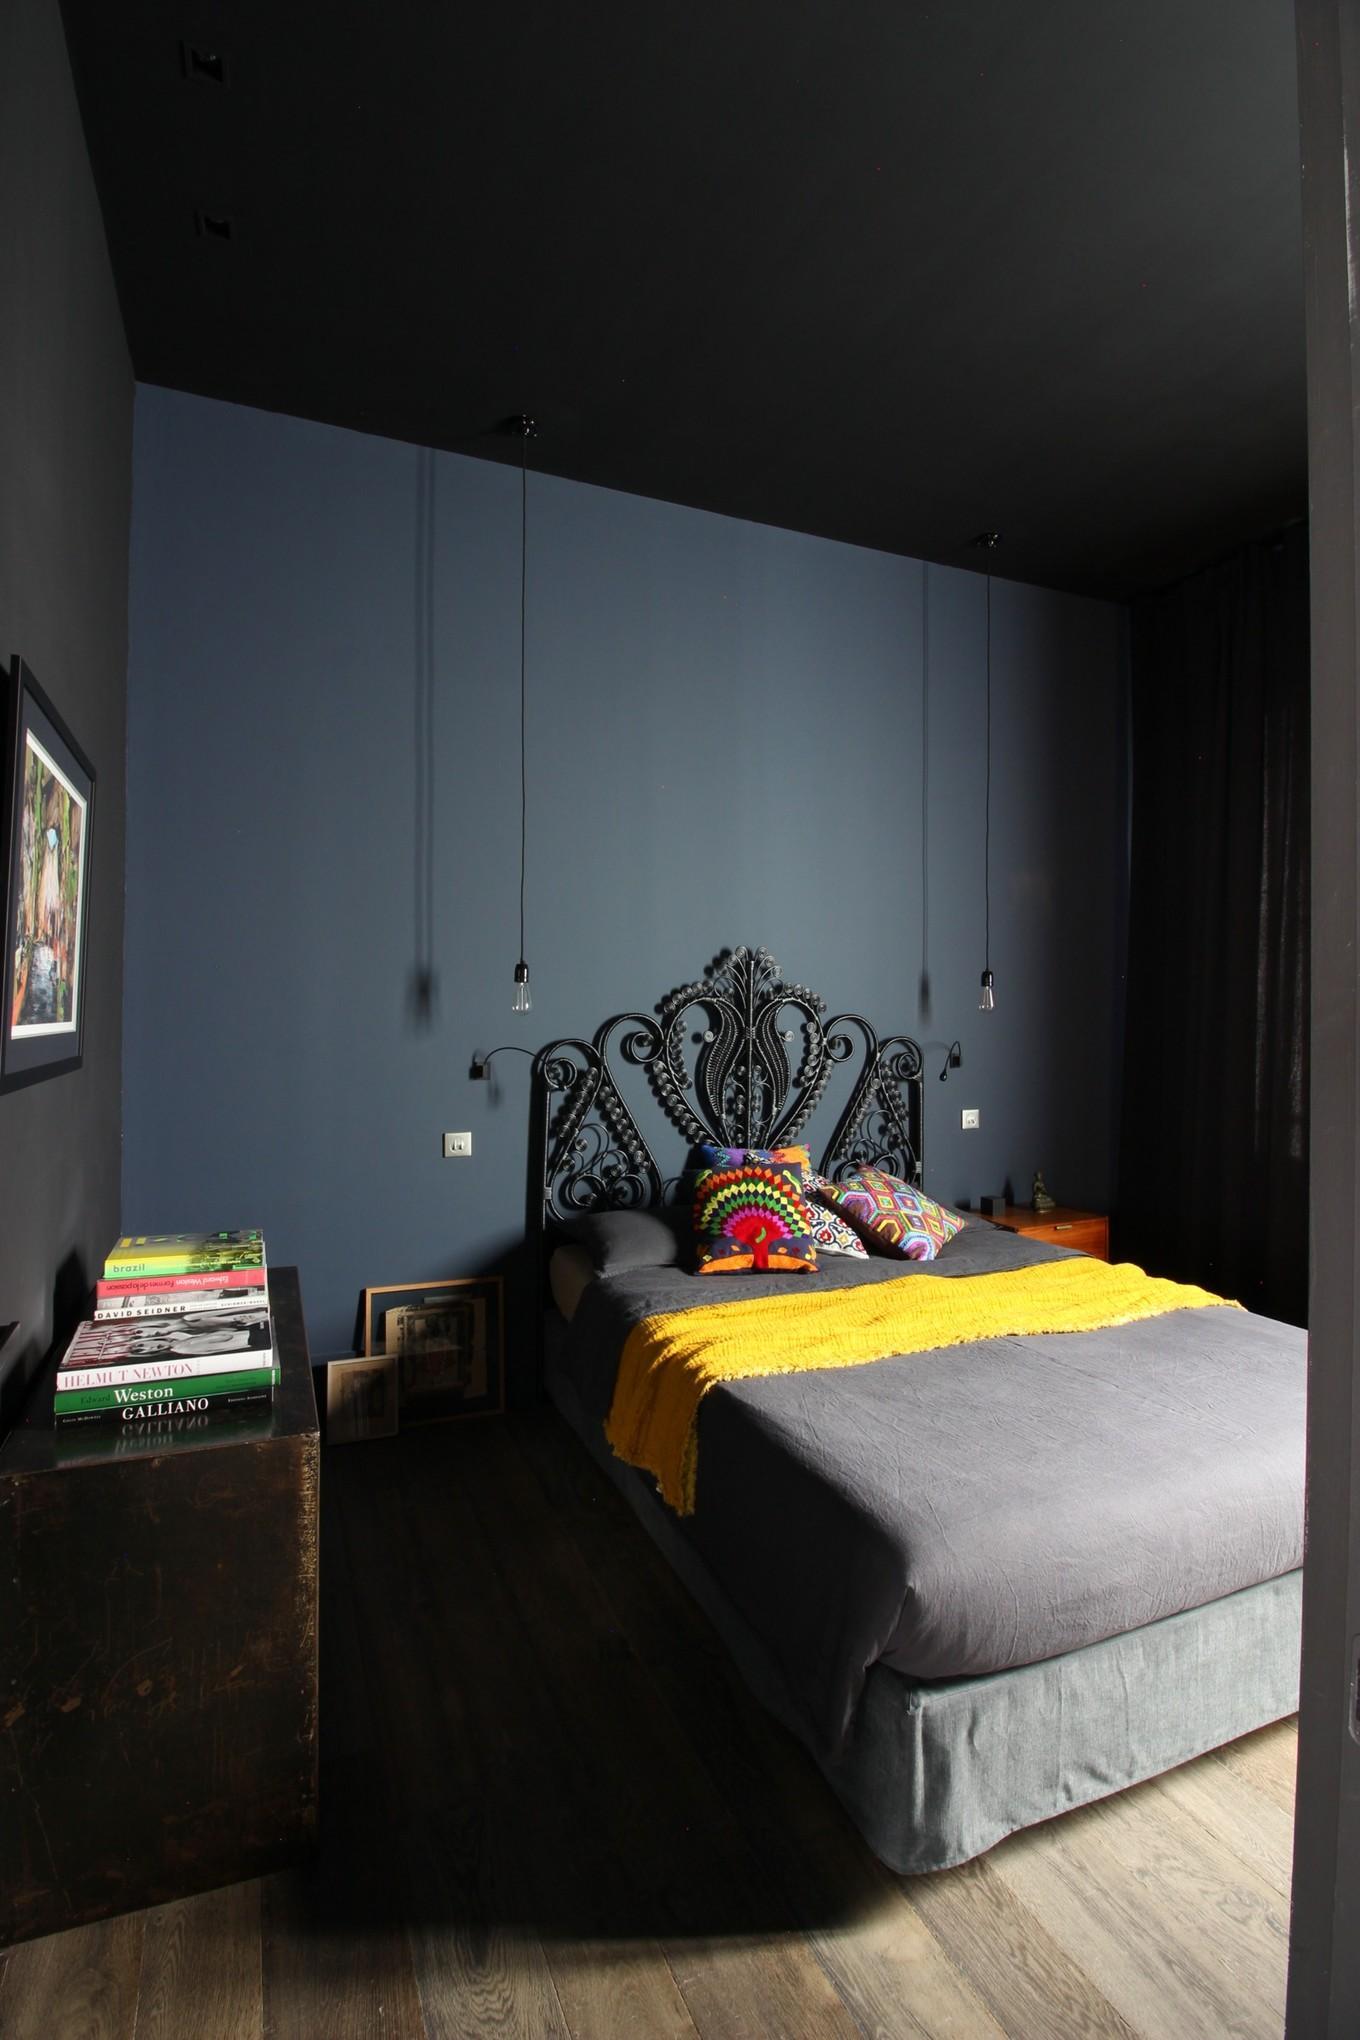 Богемный интерьер: Атмосферная квартира в Париже (ФОТО)